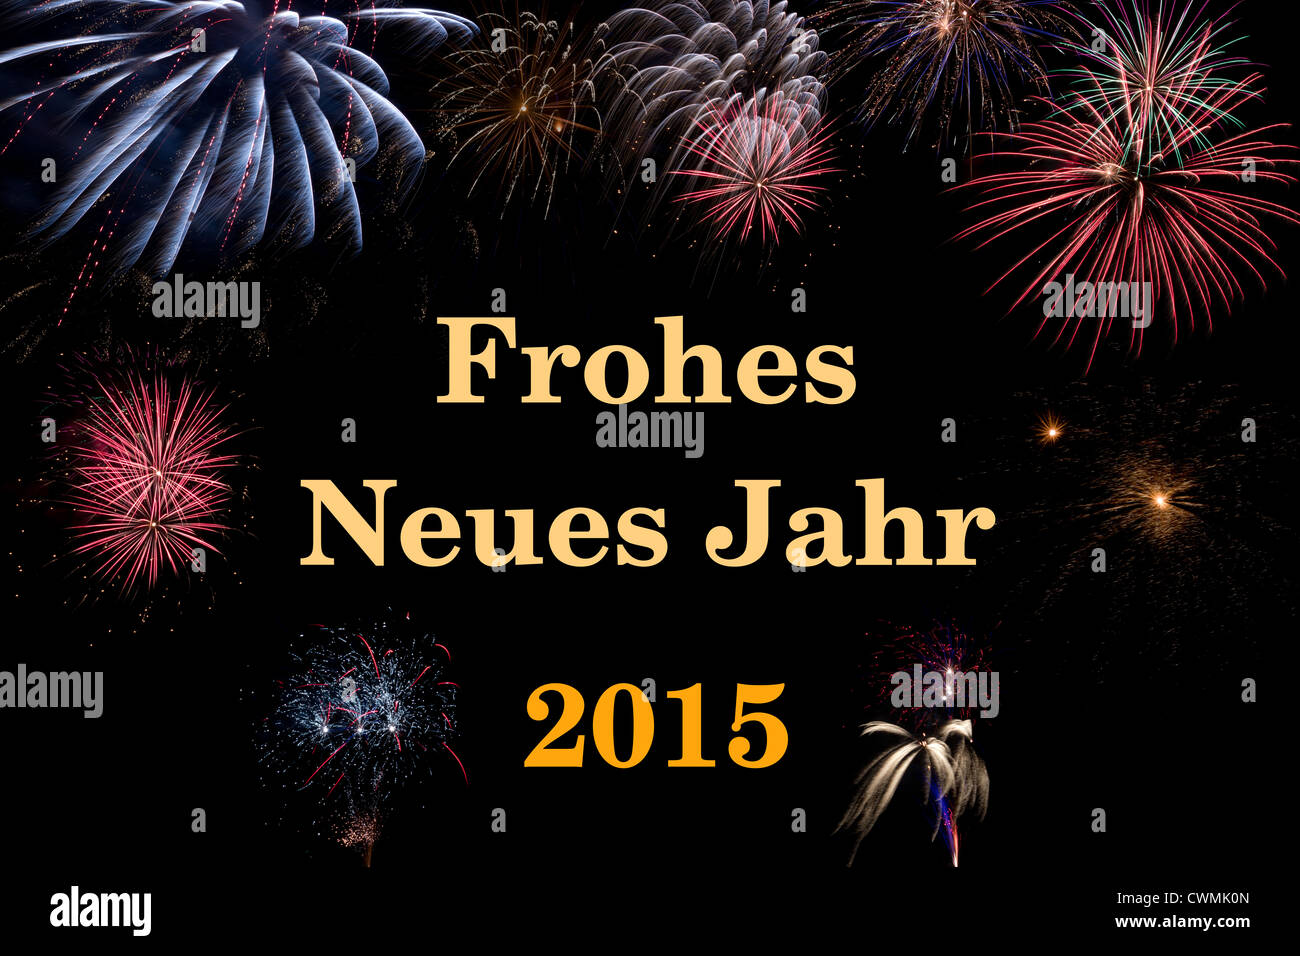 Frohes Neues Jahr 2015 (deutsch/german Stock Photo: 50241093 - Alamy